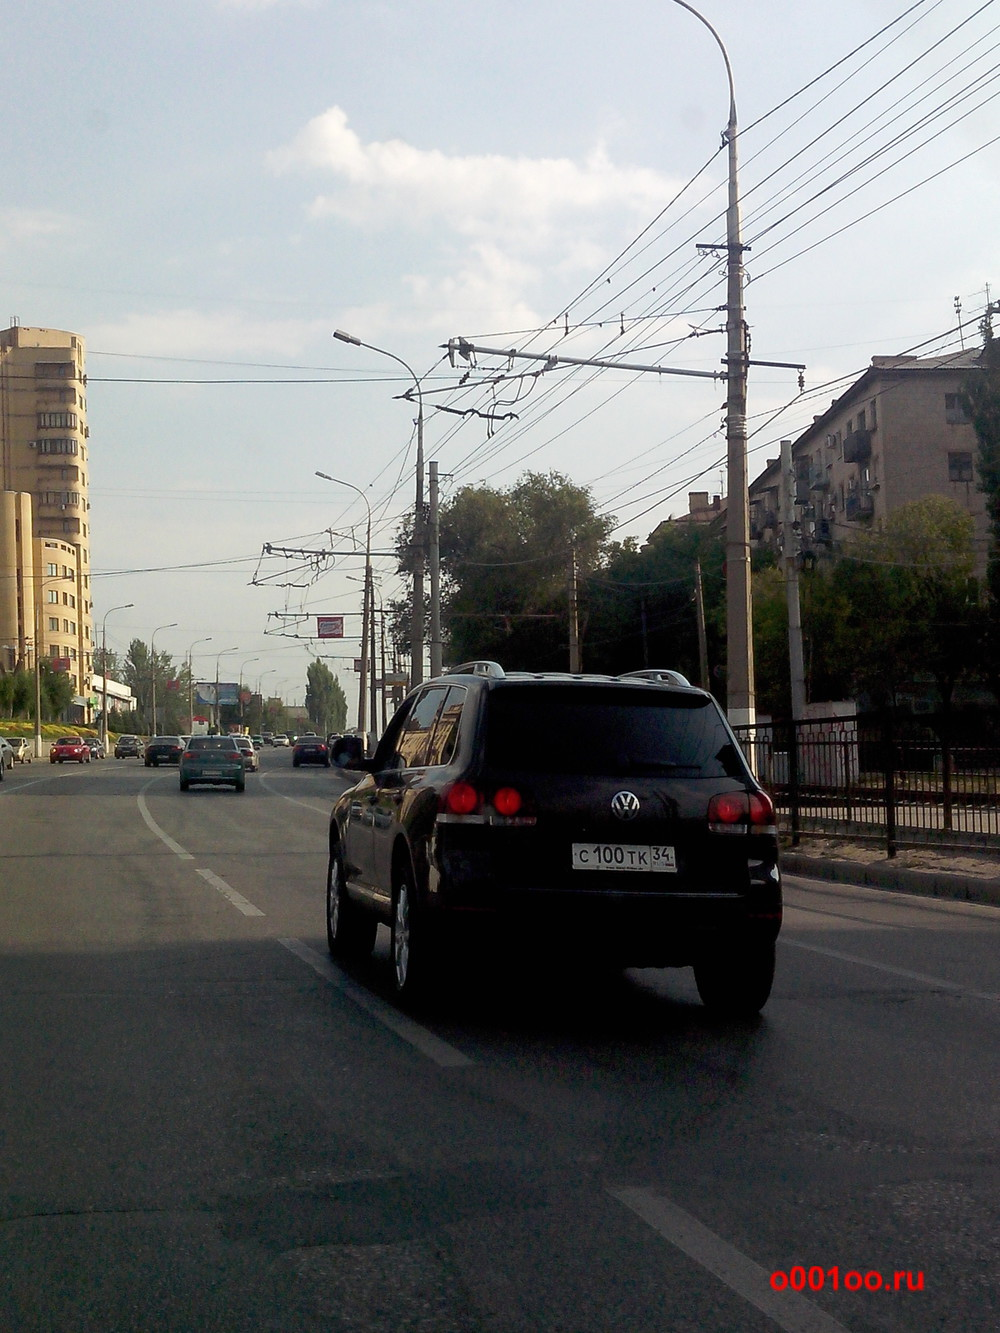 с100тк34